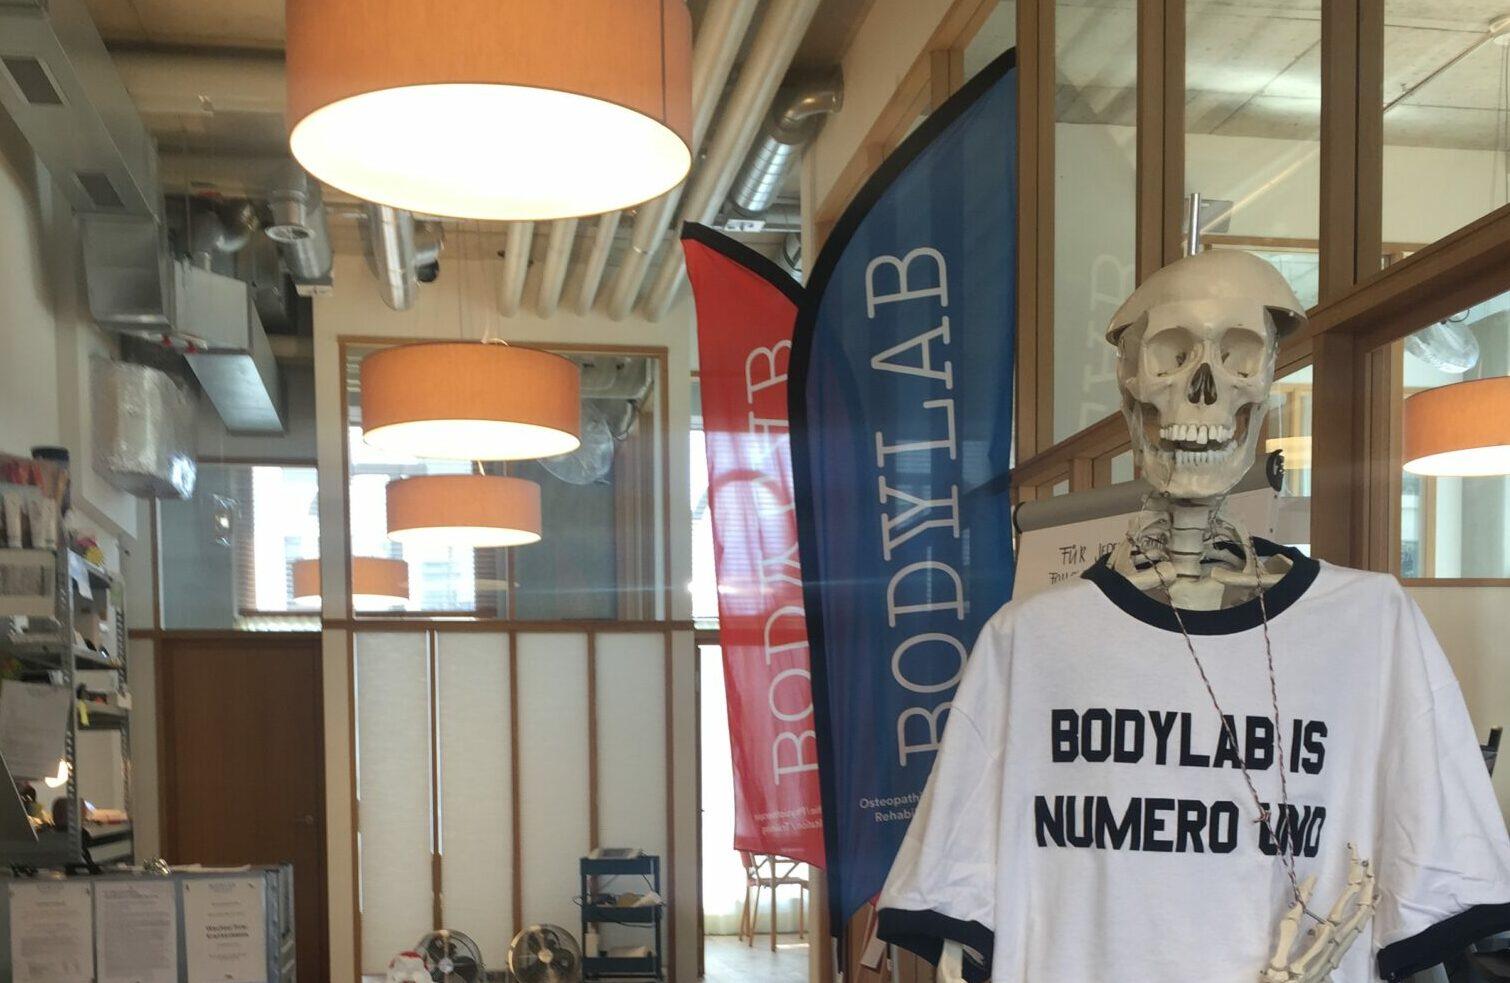 Stellenangebote Stelleninserat BodyLab Osteopathie Physiotherapie